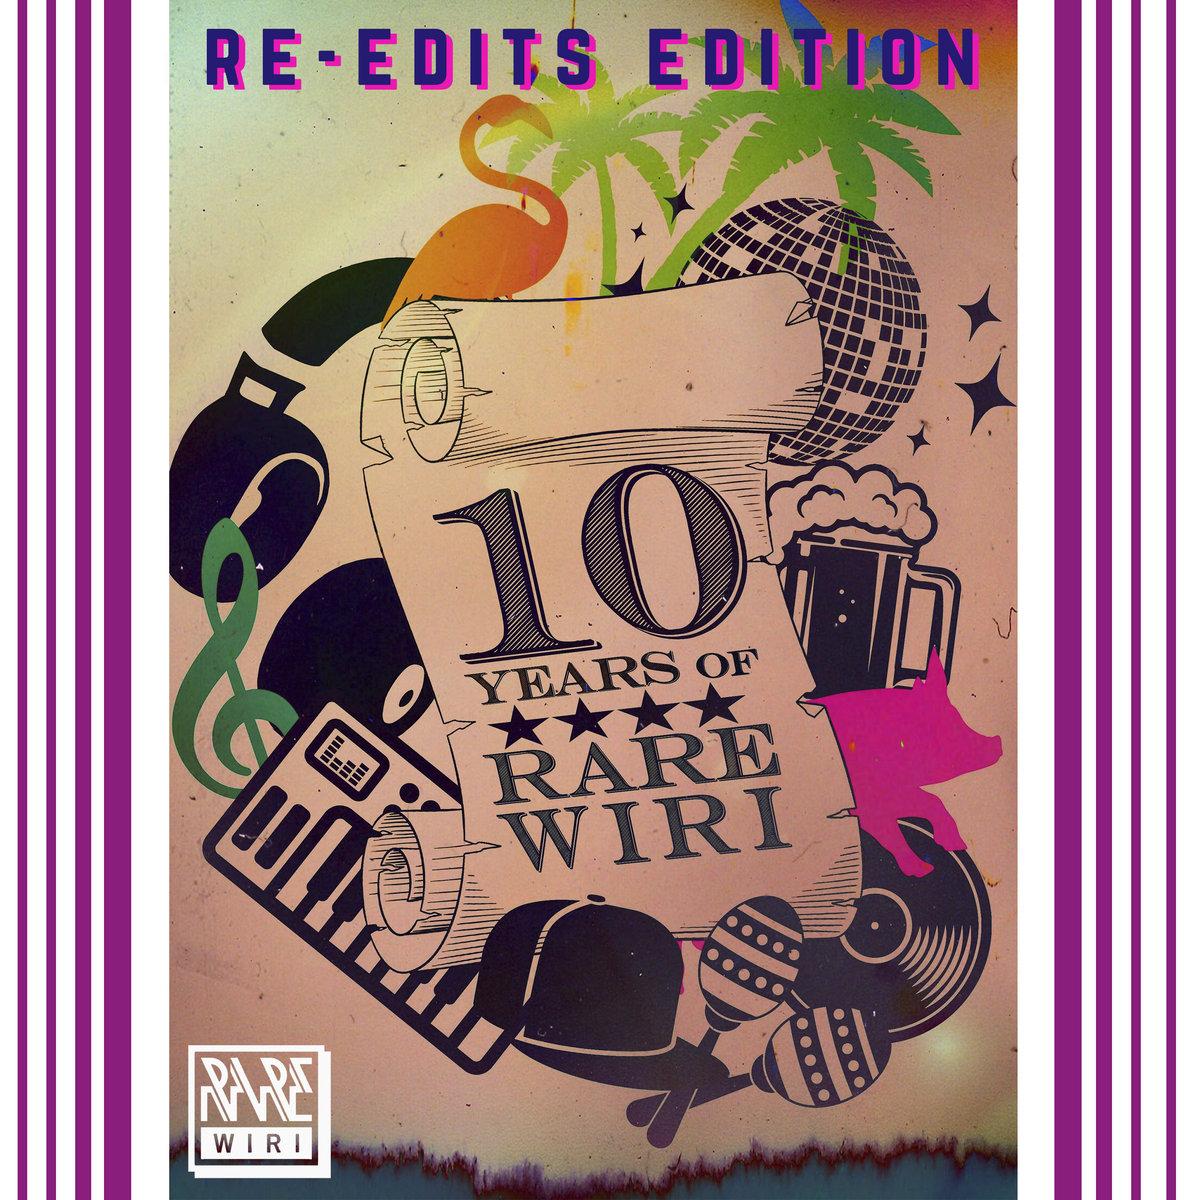 Hot Head Disco | Rare Wiri Records